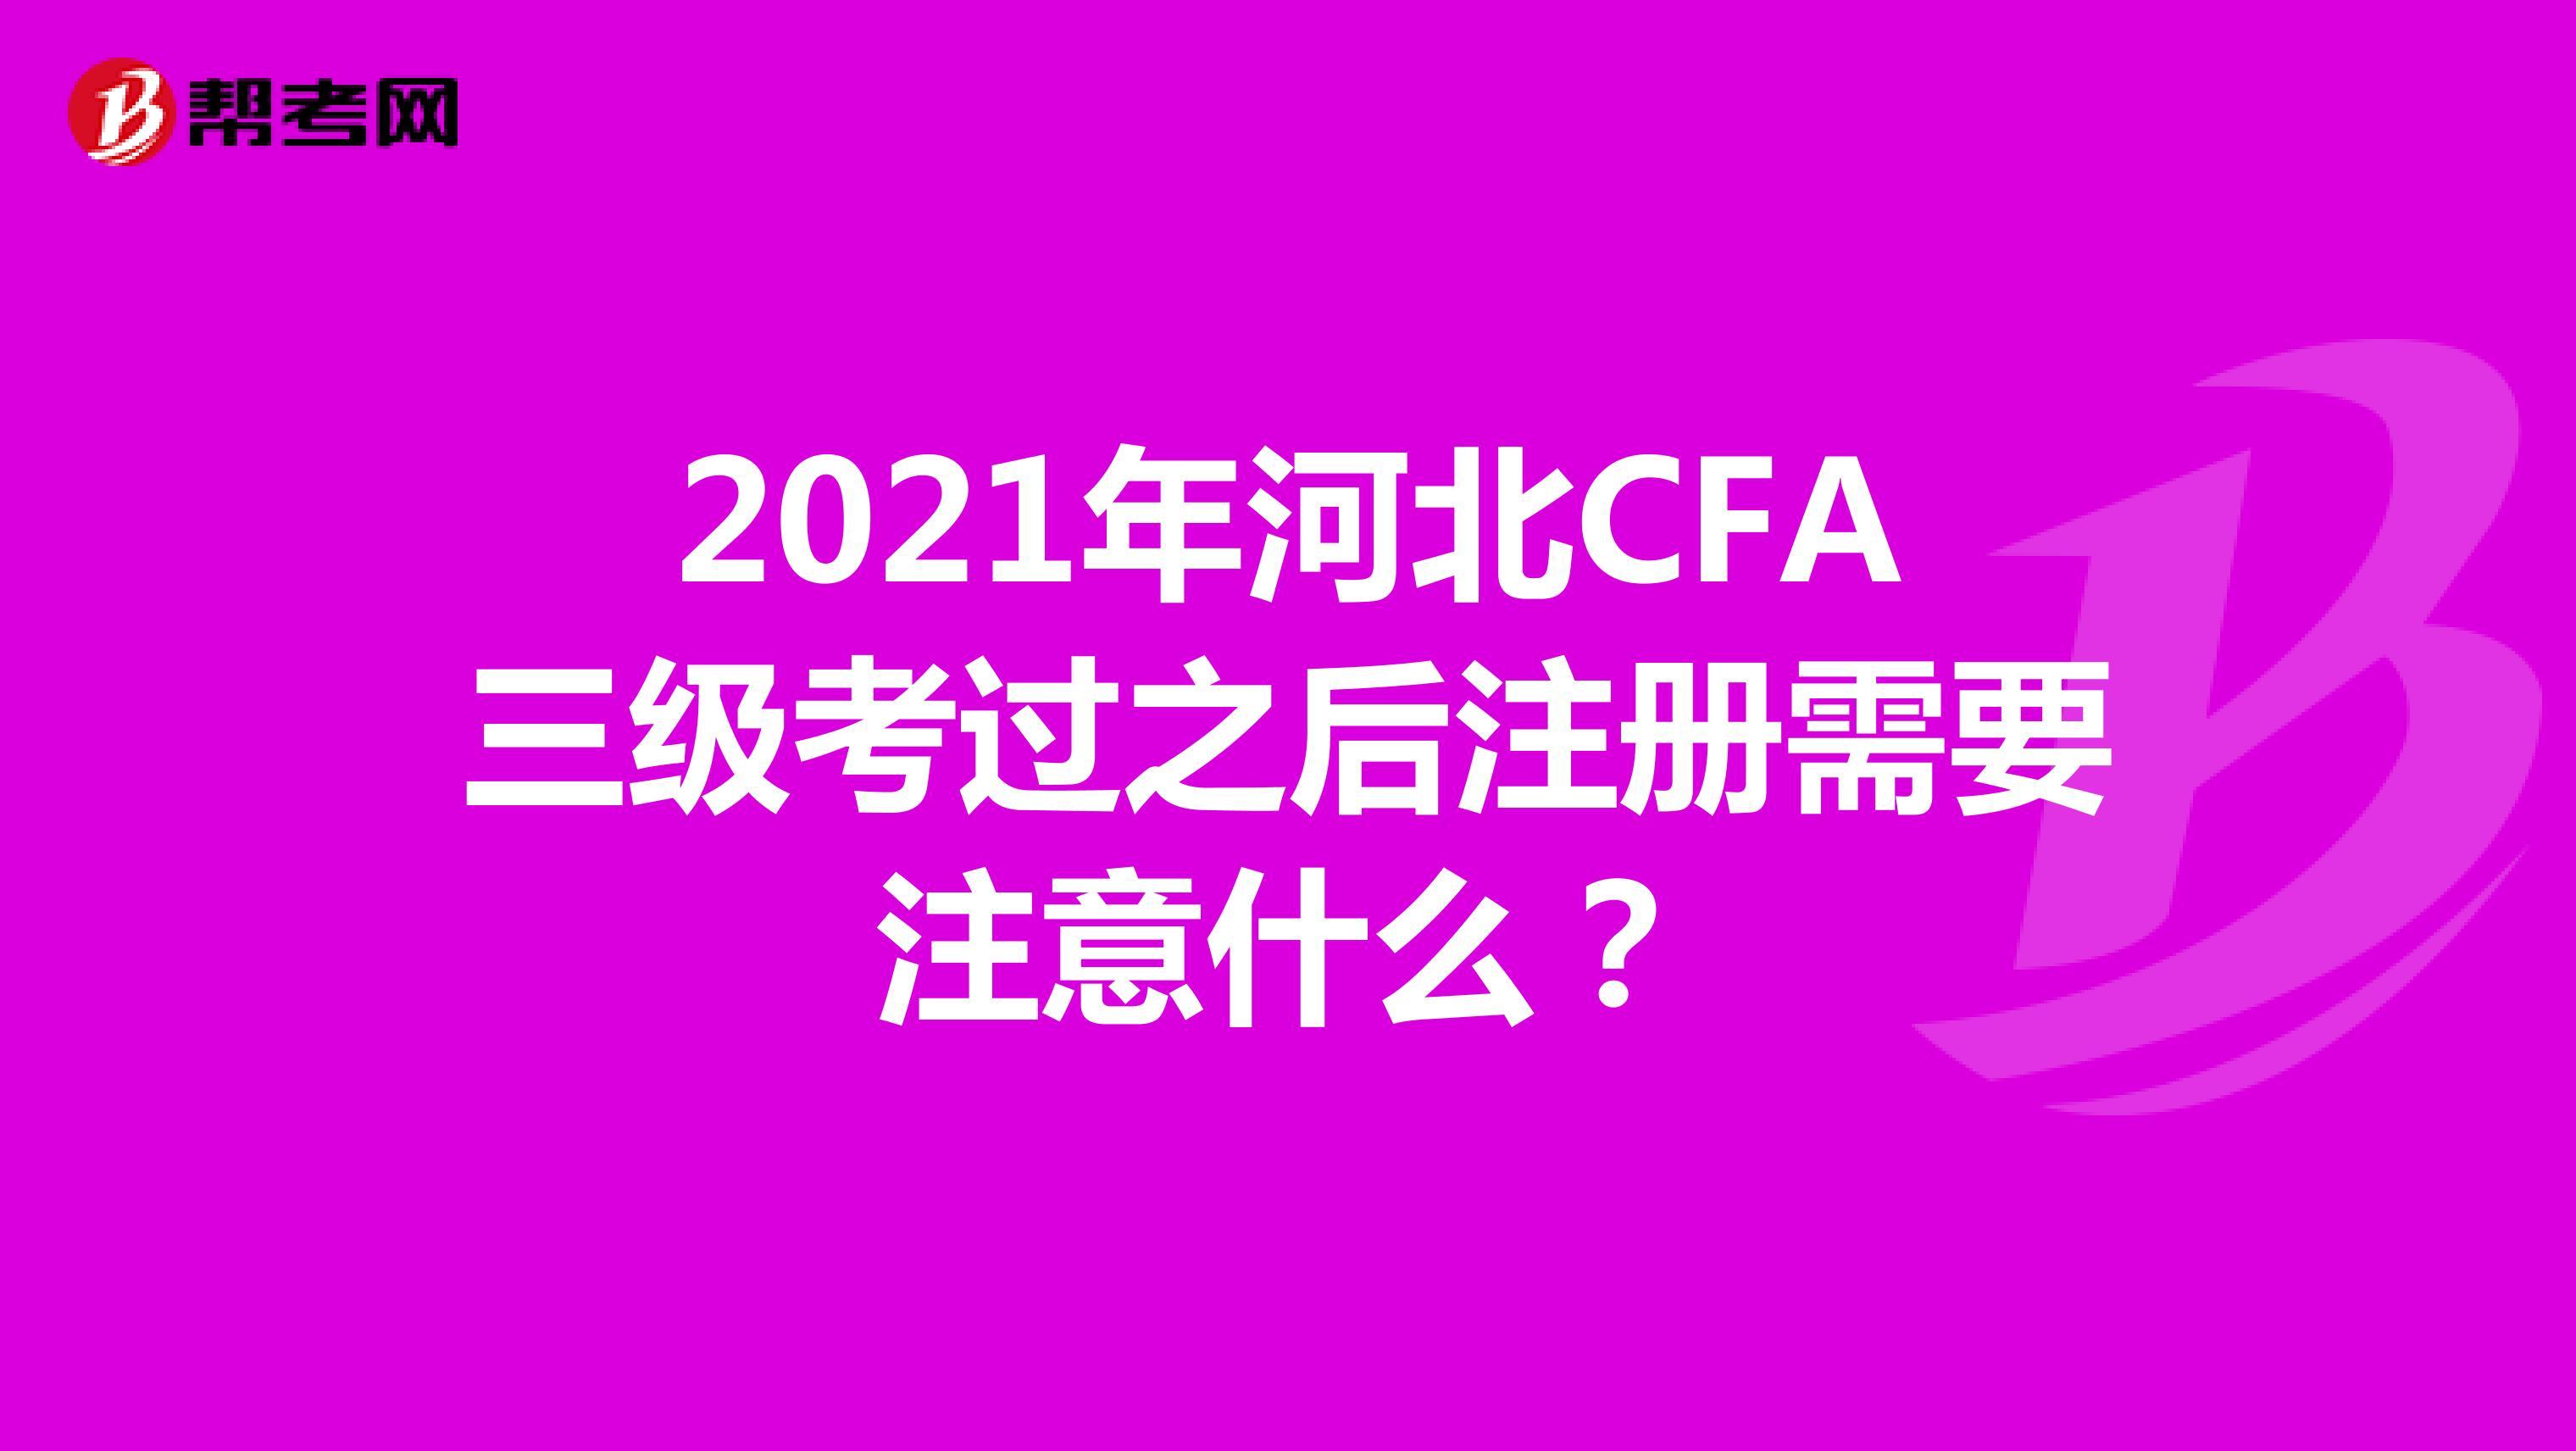 2021年河北CFA三级考过之后注册需要注意什么?